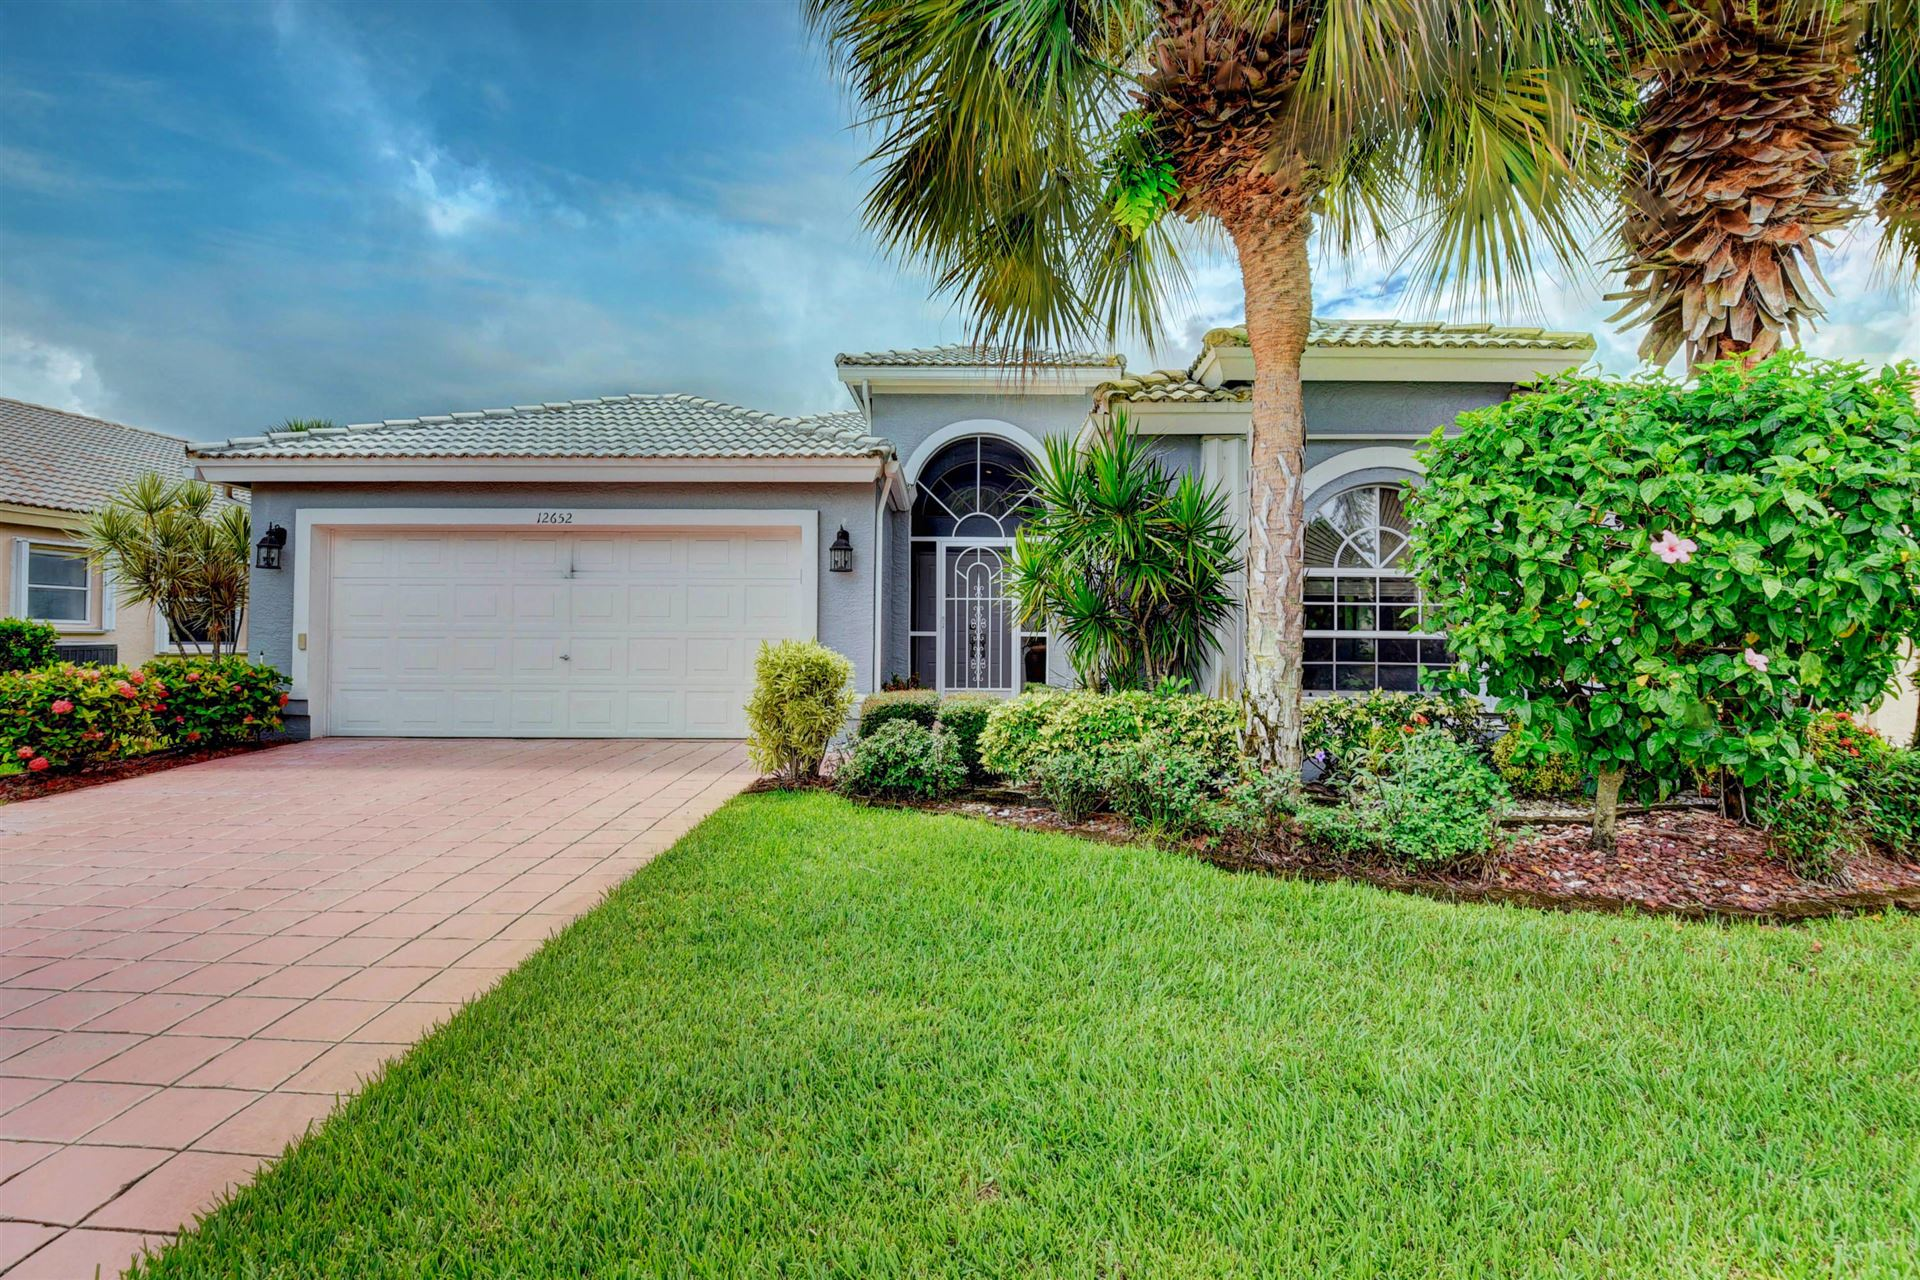 12652 Coral Lakes Drive, Boynton Beach, FL 33437 - #: RX-10646068